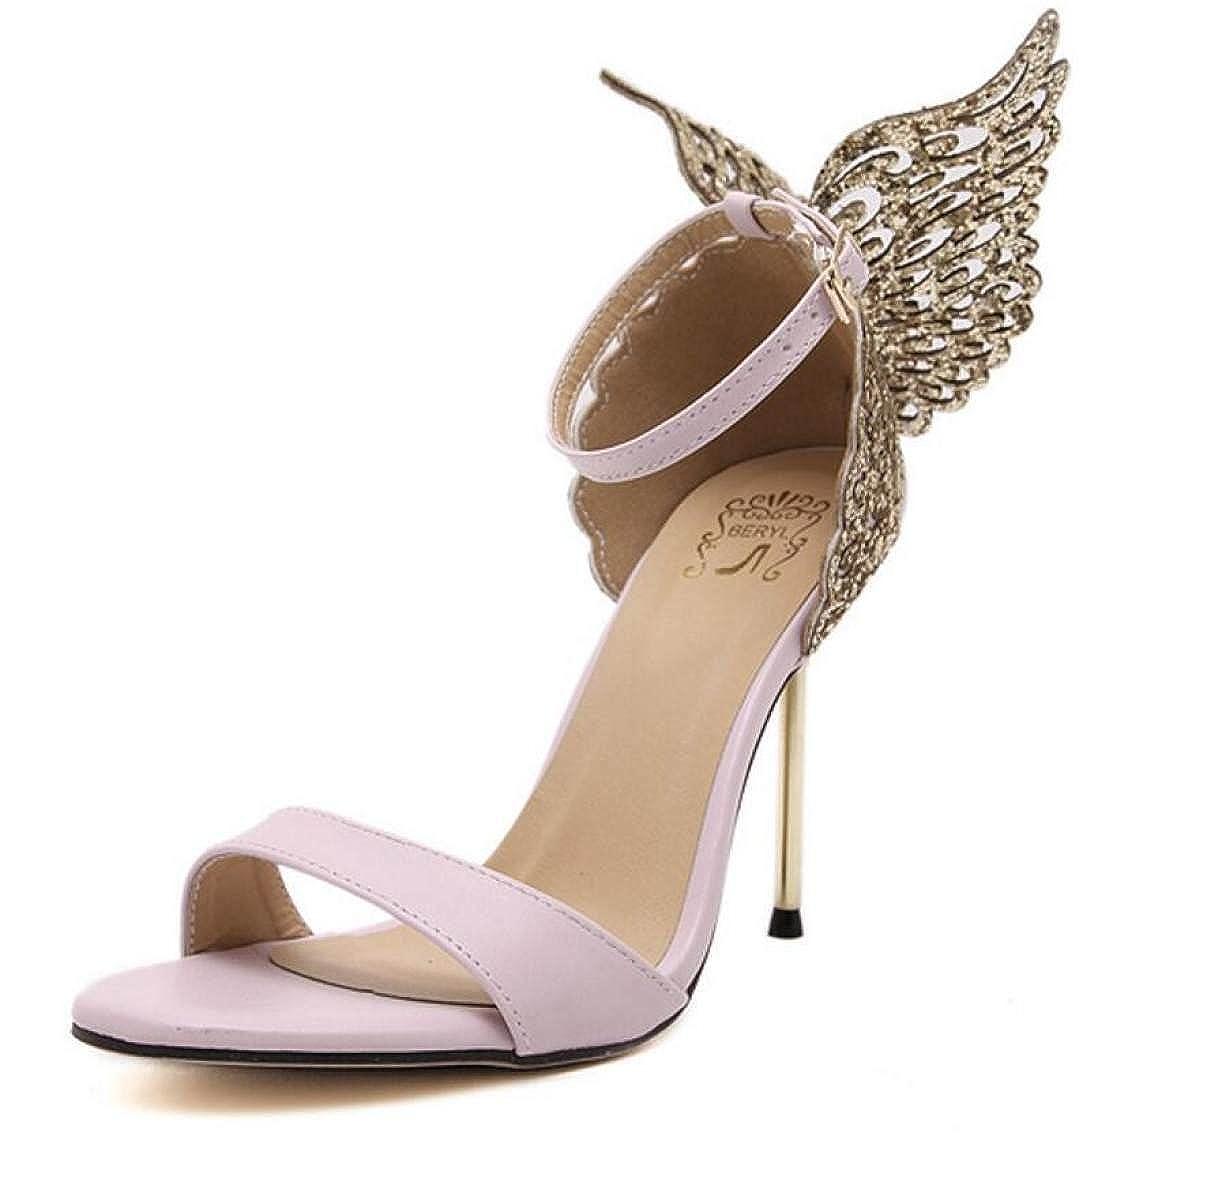 NBWE NBWE NBWE NBWE NBWE Sandalo Strass Elegante Con Alette Aperte Da Donna   3a3d78